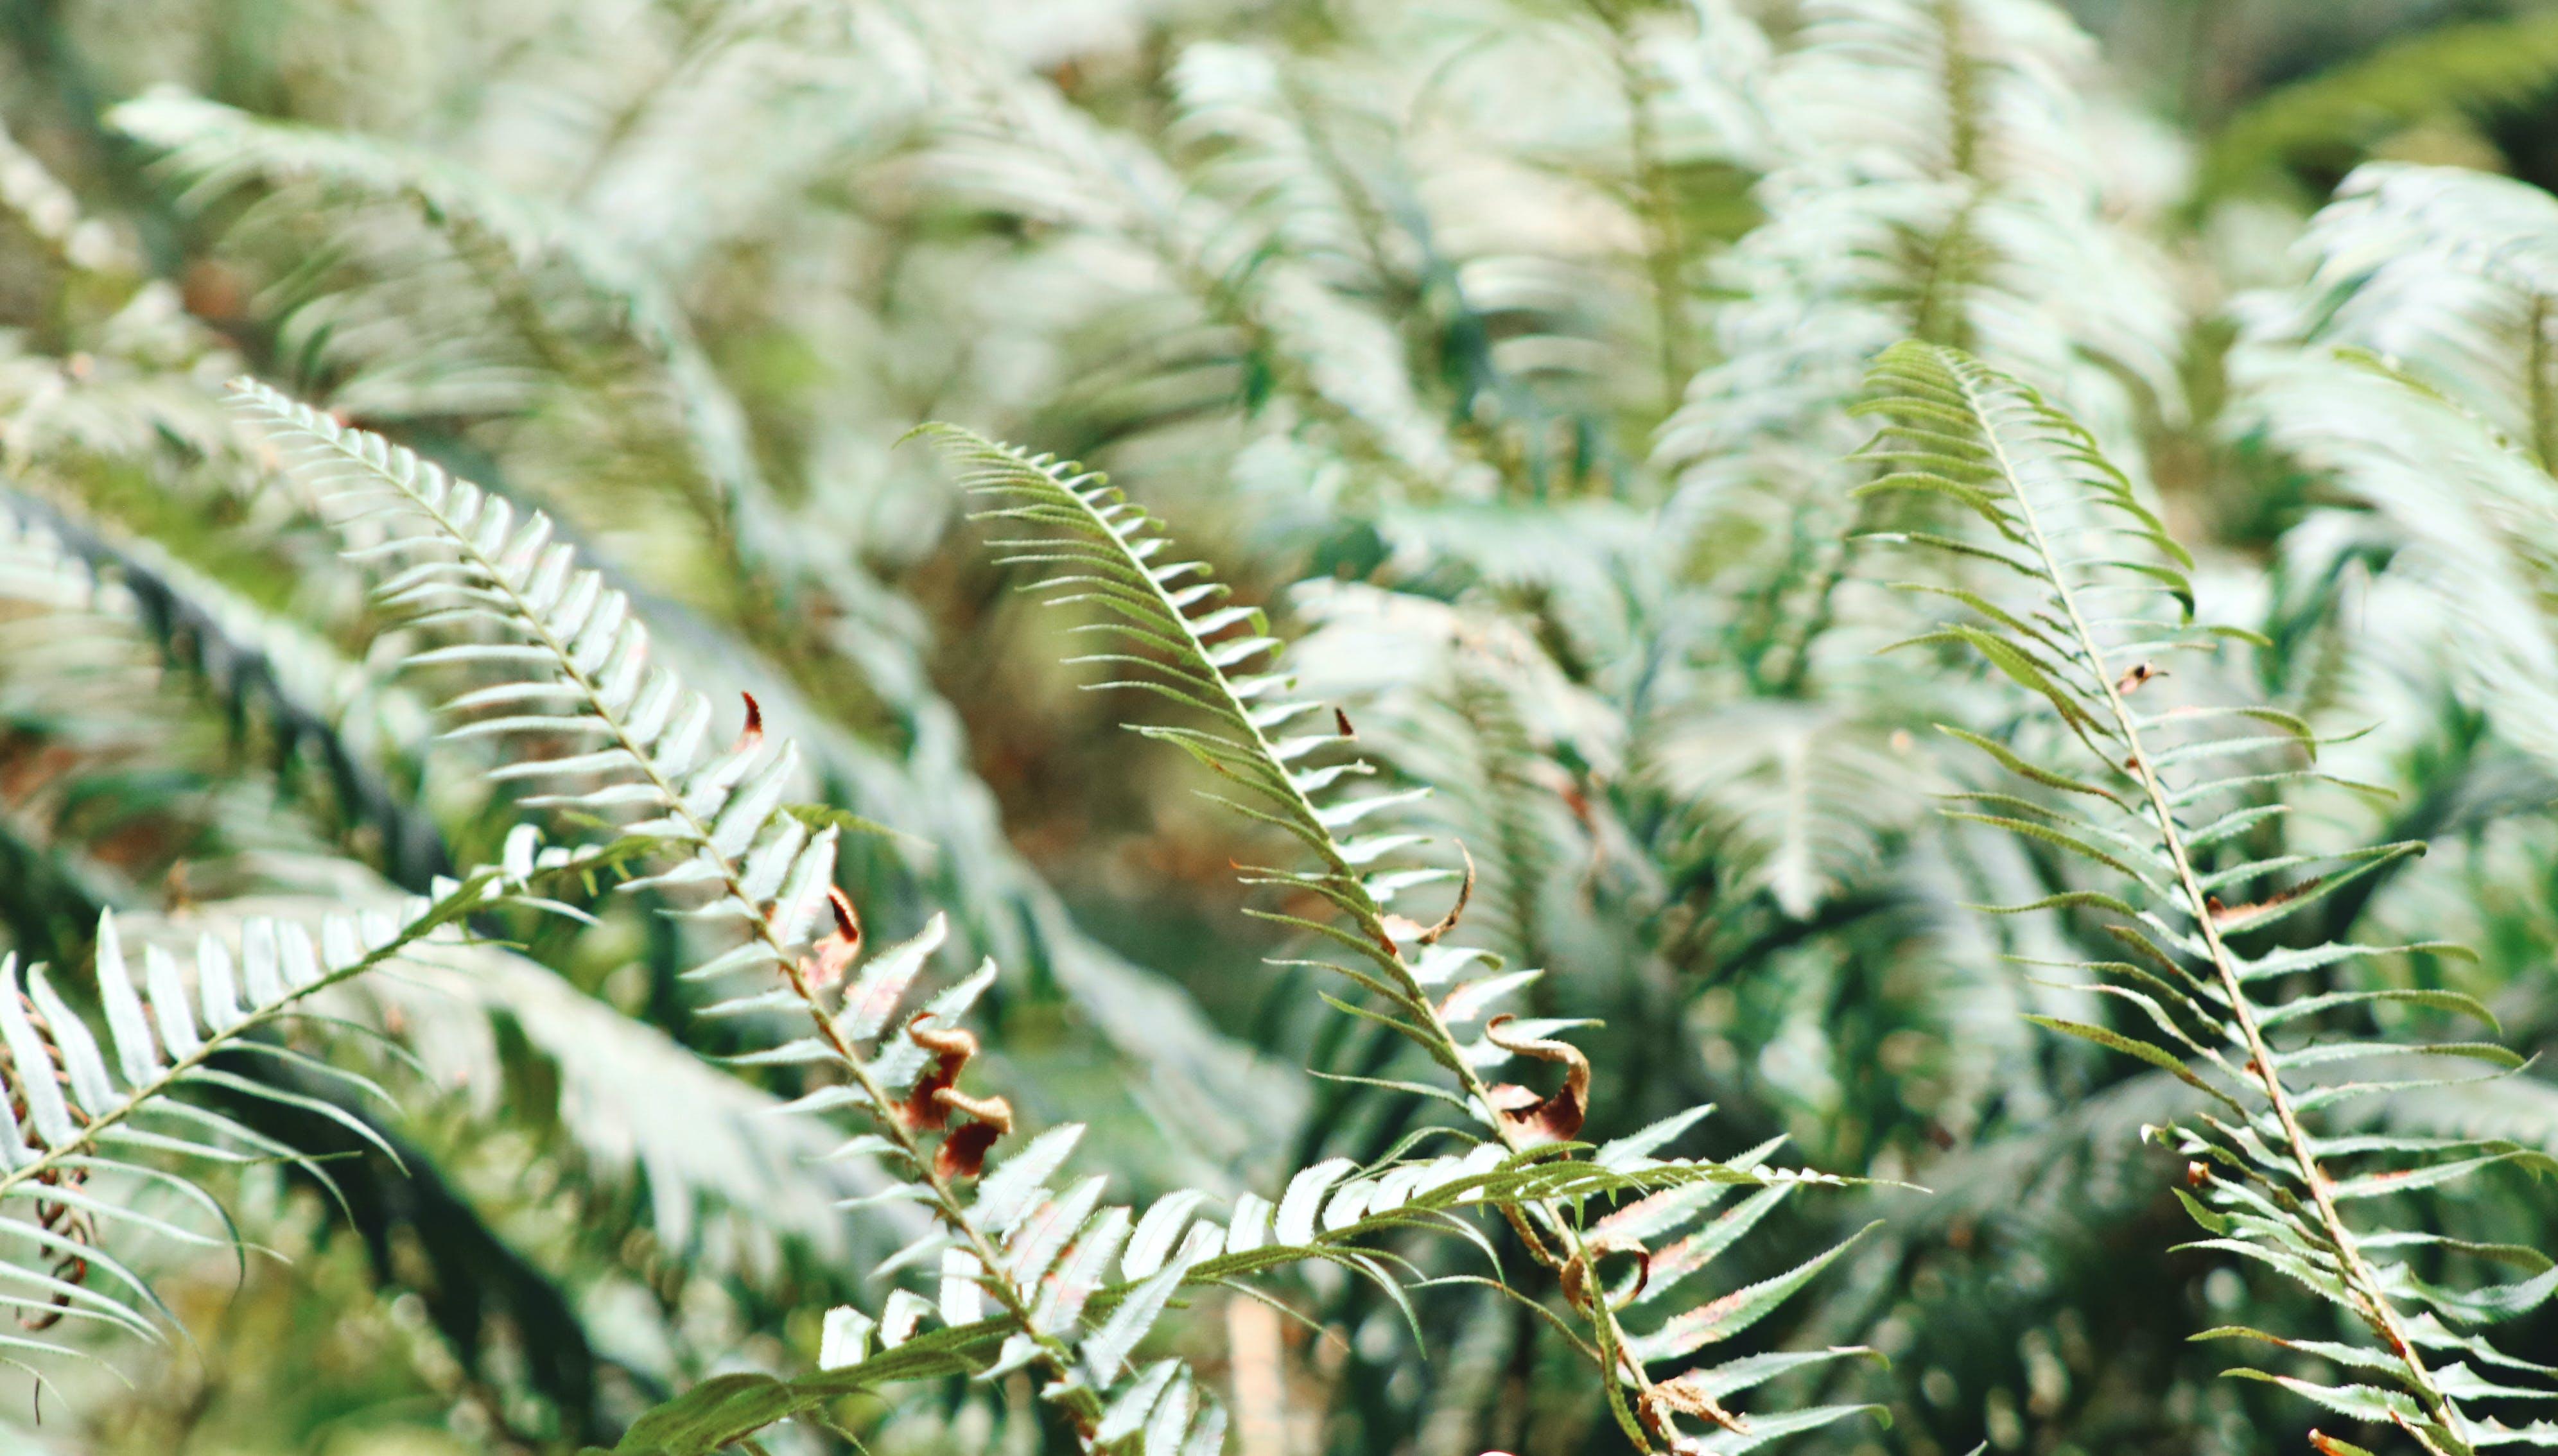 bitkiler, büyüme, doğa, eğreltiotu içeren Ücretsiz stok fotoğraf